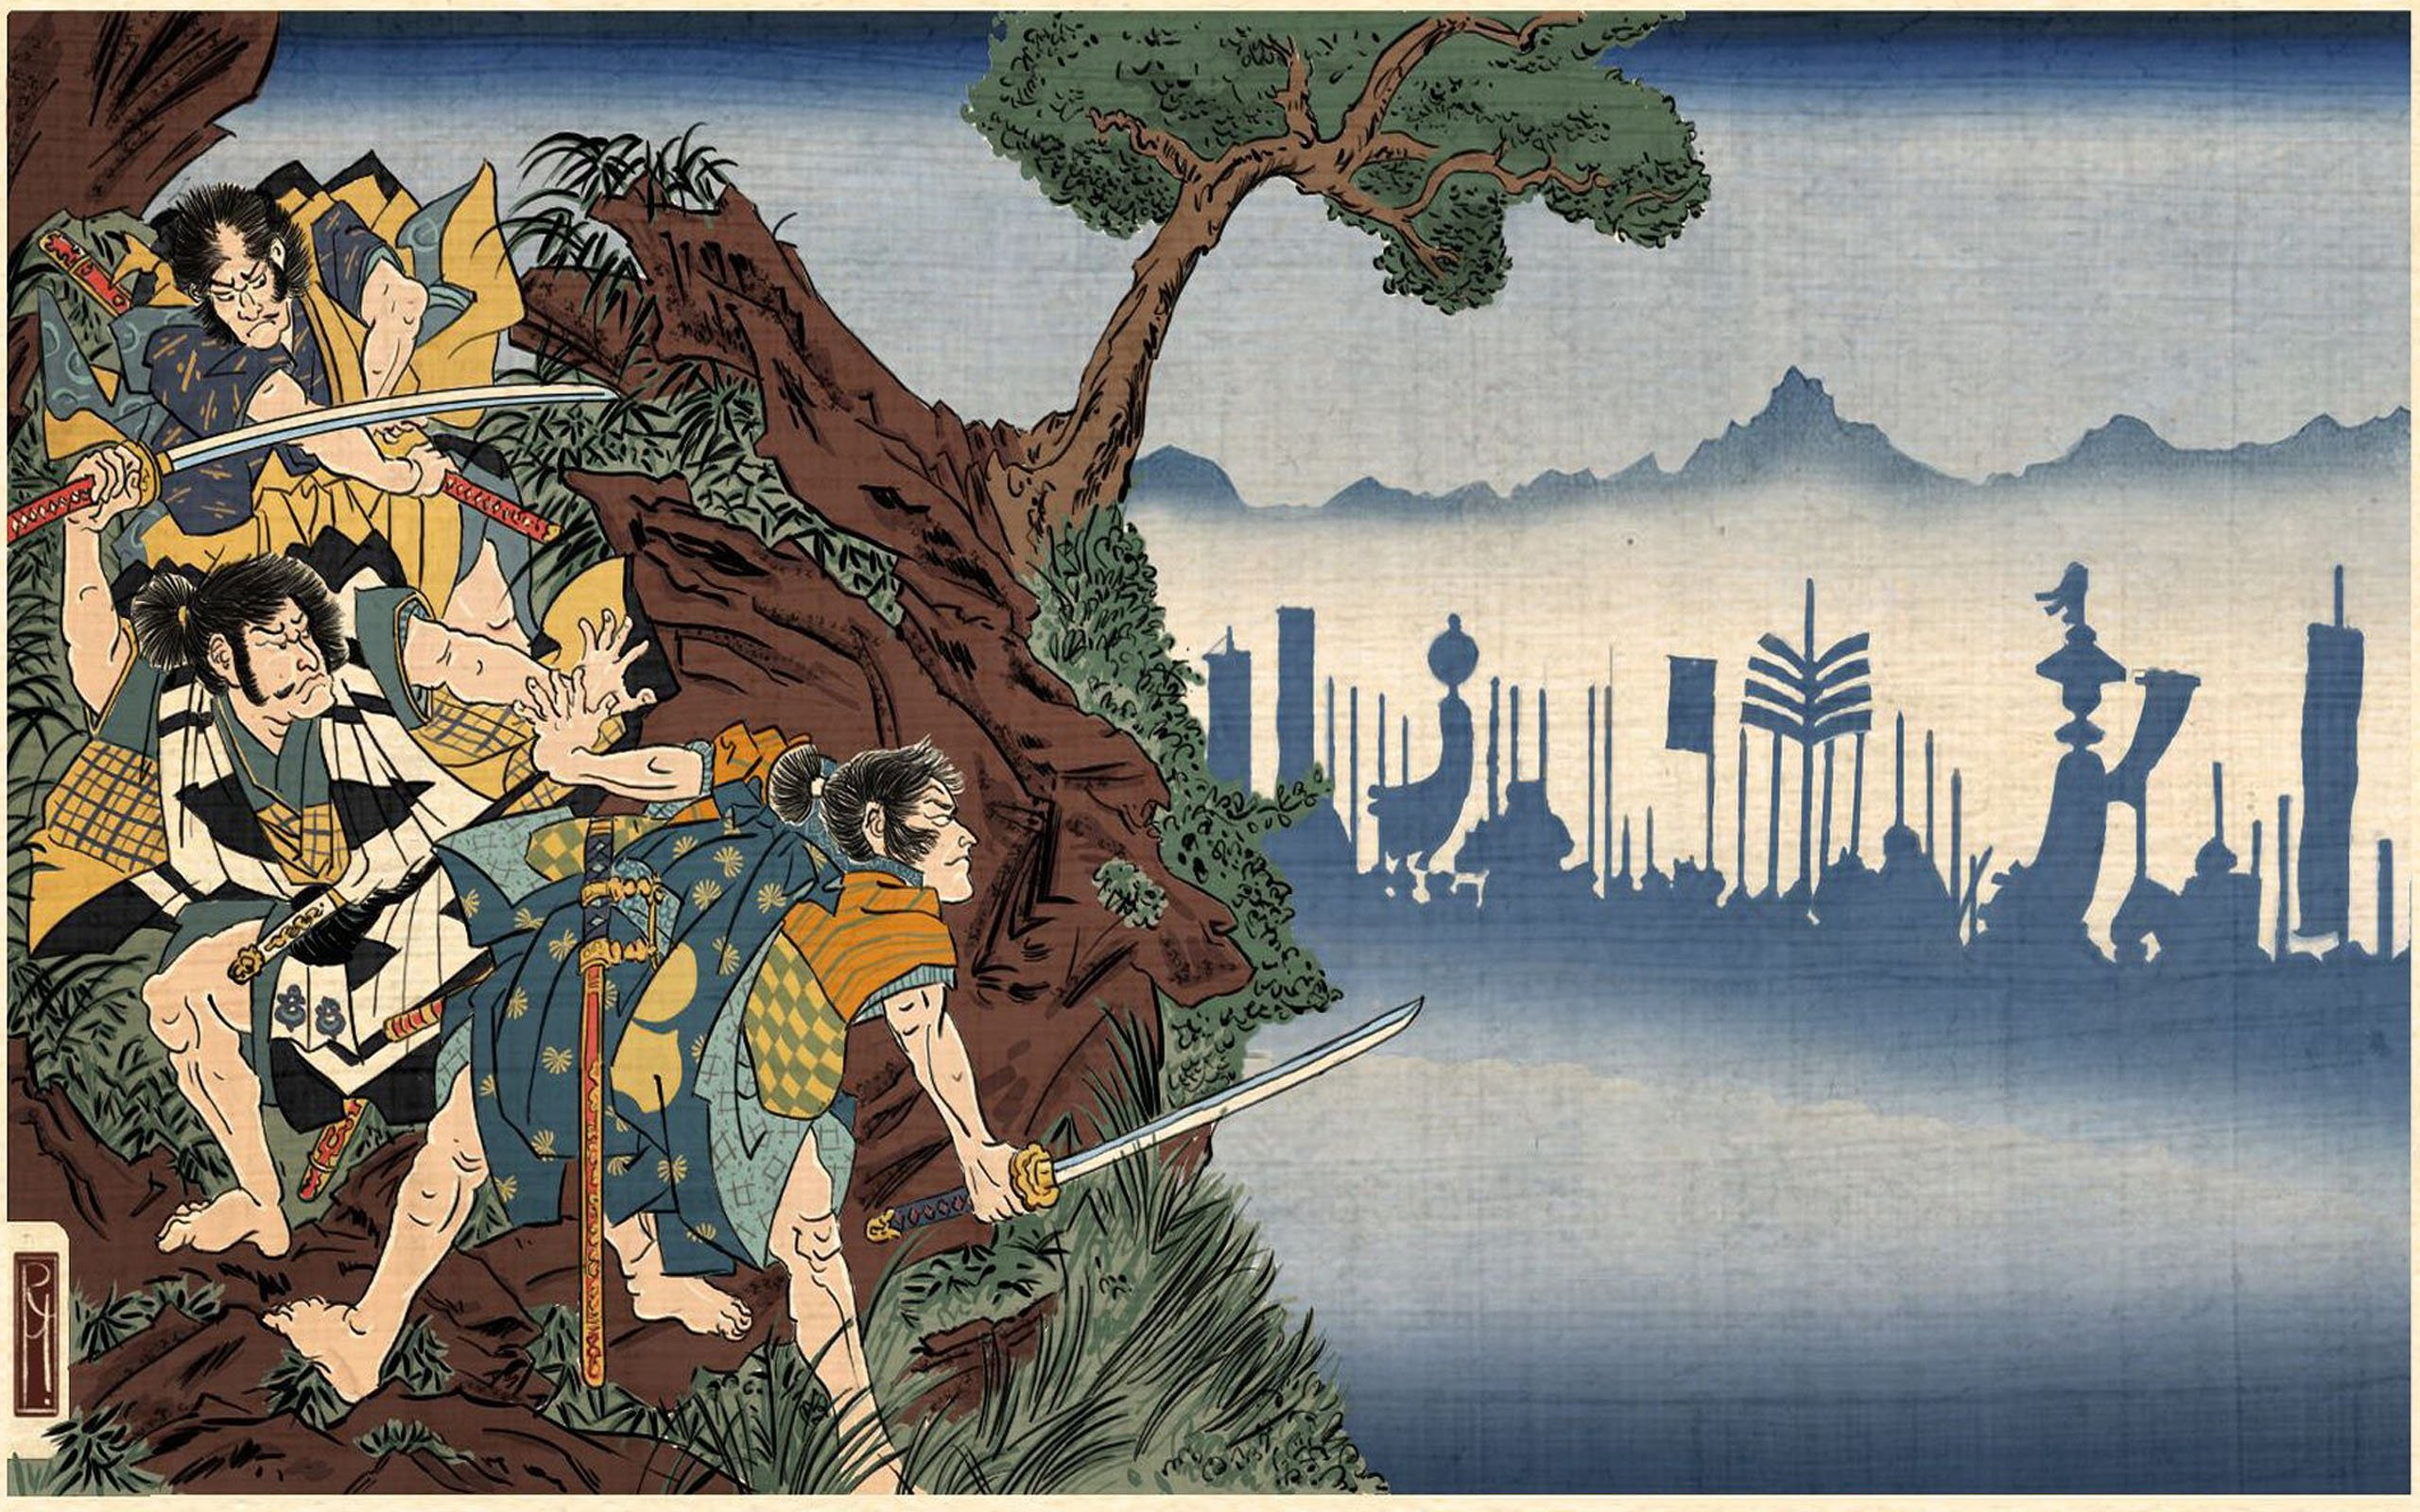 total war shogun 2 wallpaper 4 | wallpapersbq